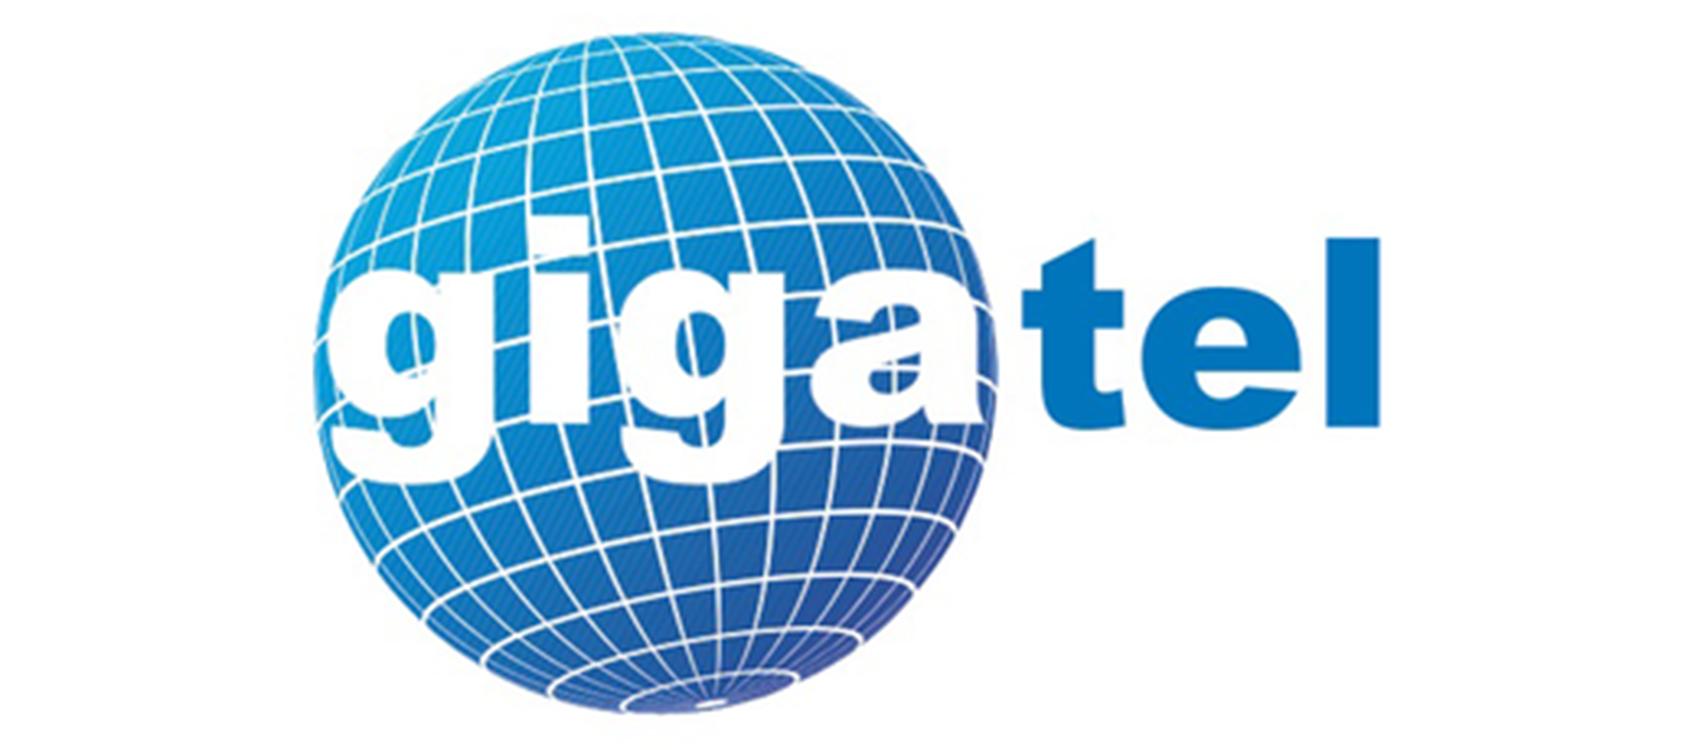 Gigatel (Ровненская область)